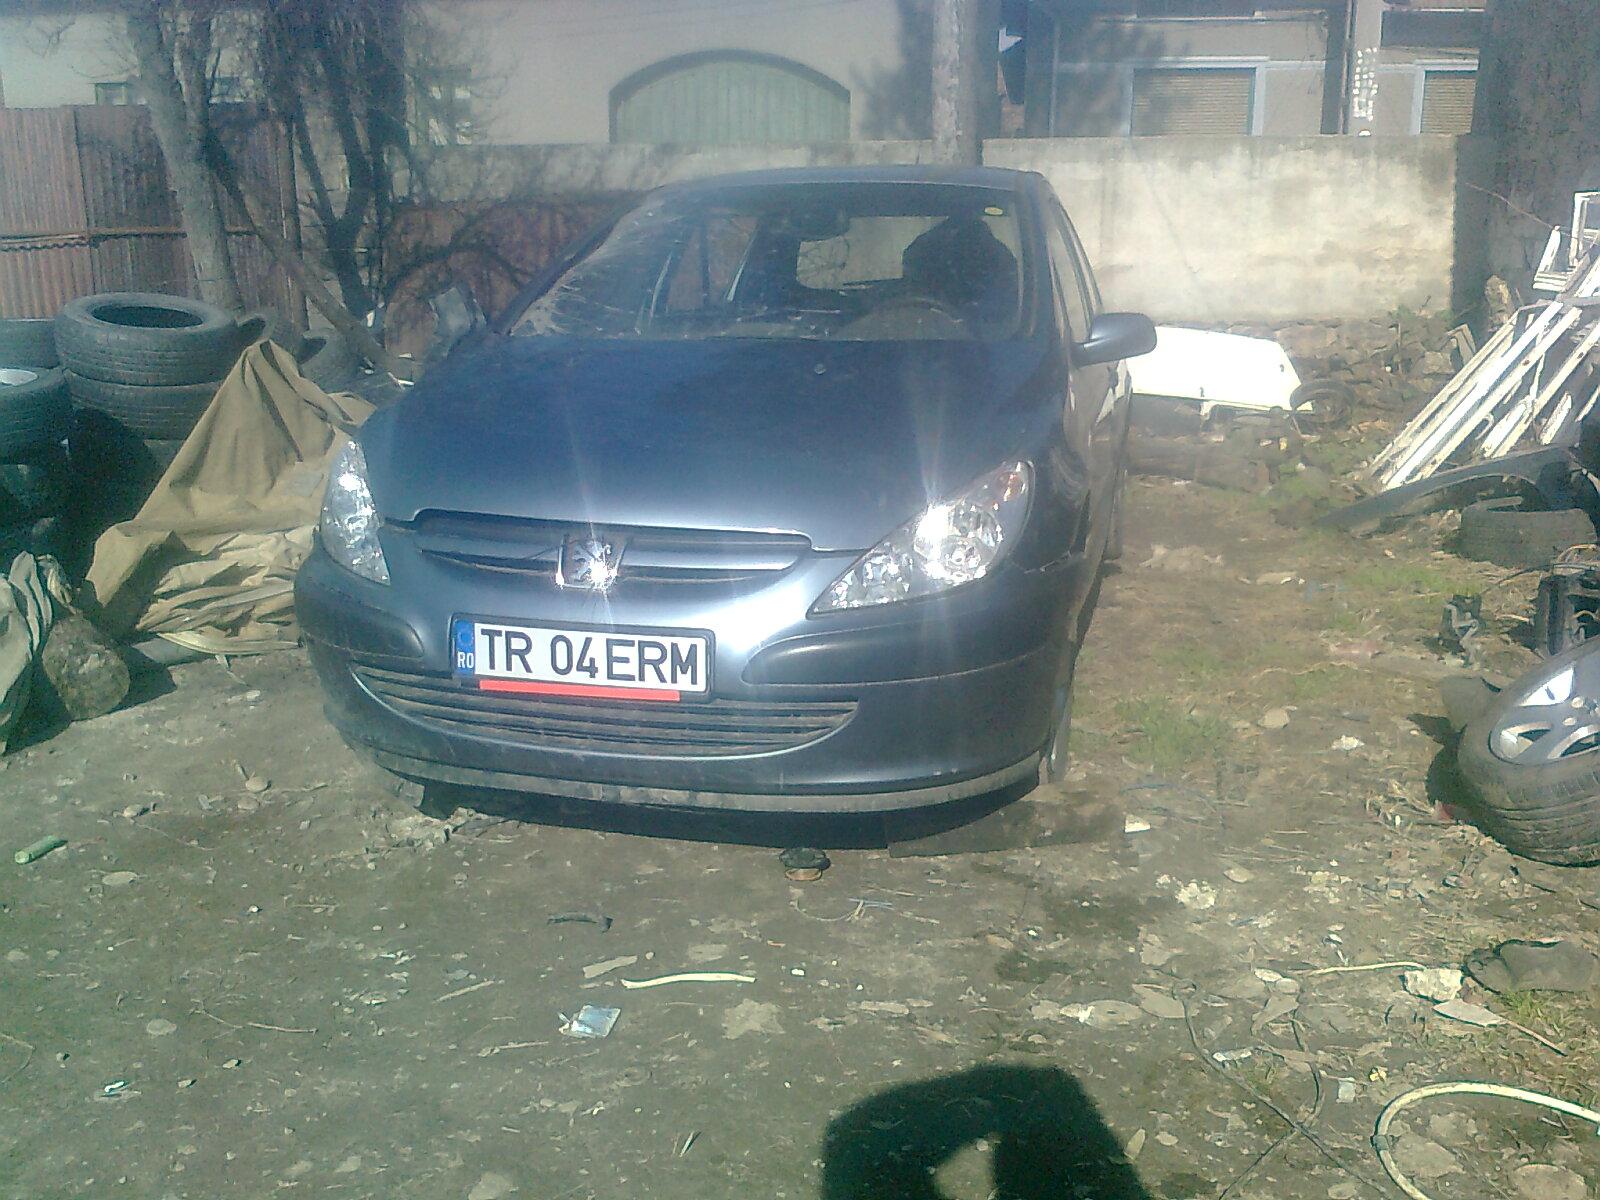 Peugeot 307 avariat 2006 Benzina Hatchback - 19 Iunie 2011 - Poza 4